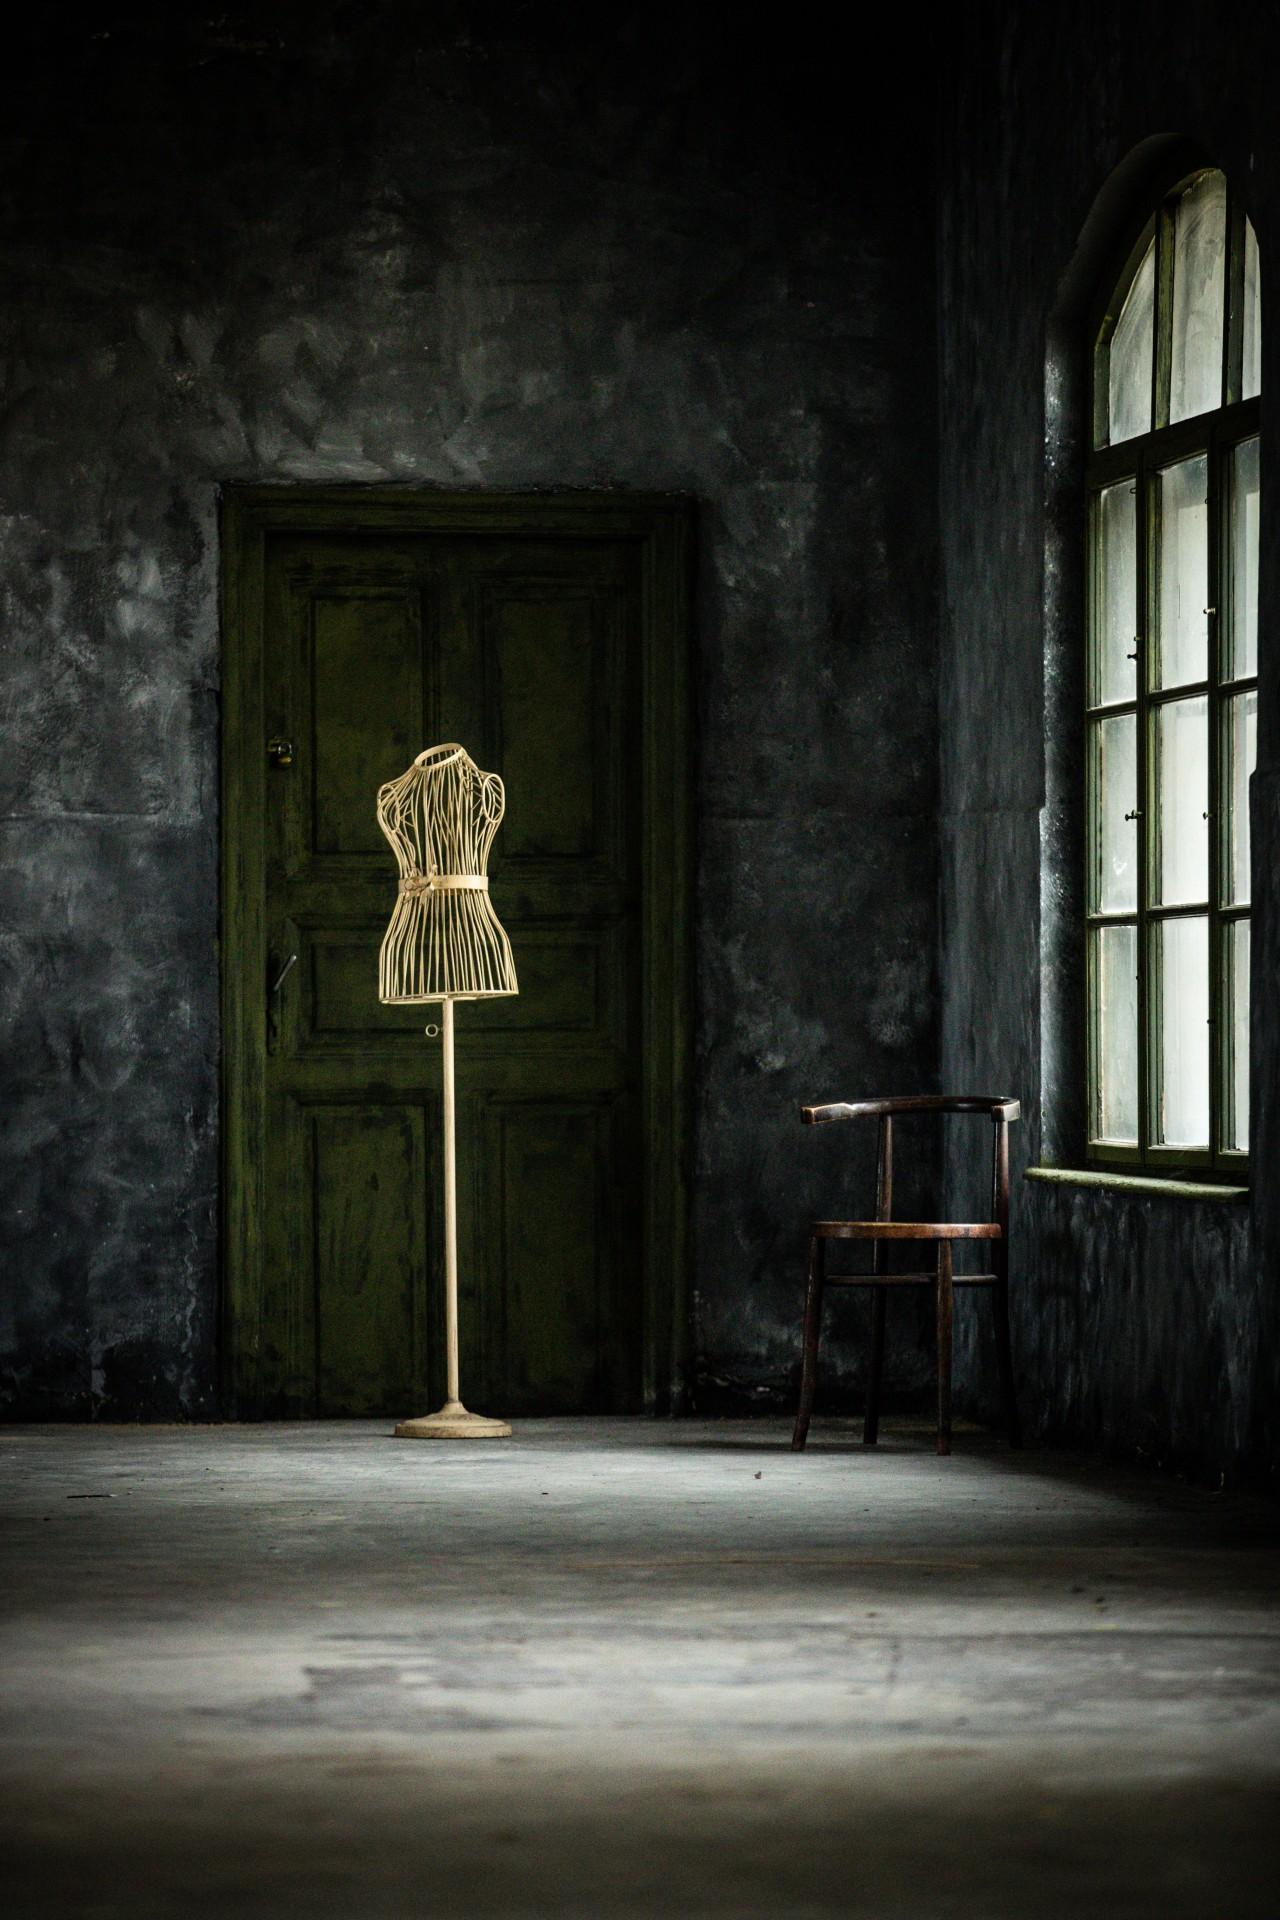 Победитель категории «Объект». «Открытая» номинация, 2021. Автор Ката Зих